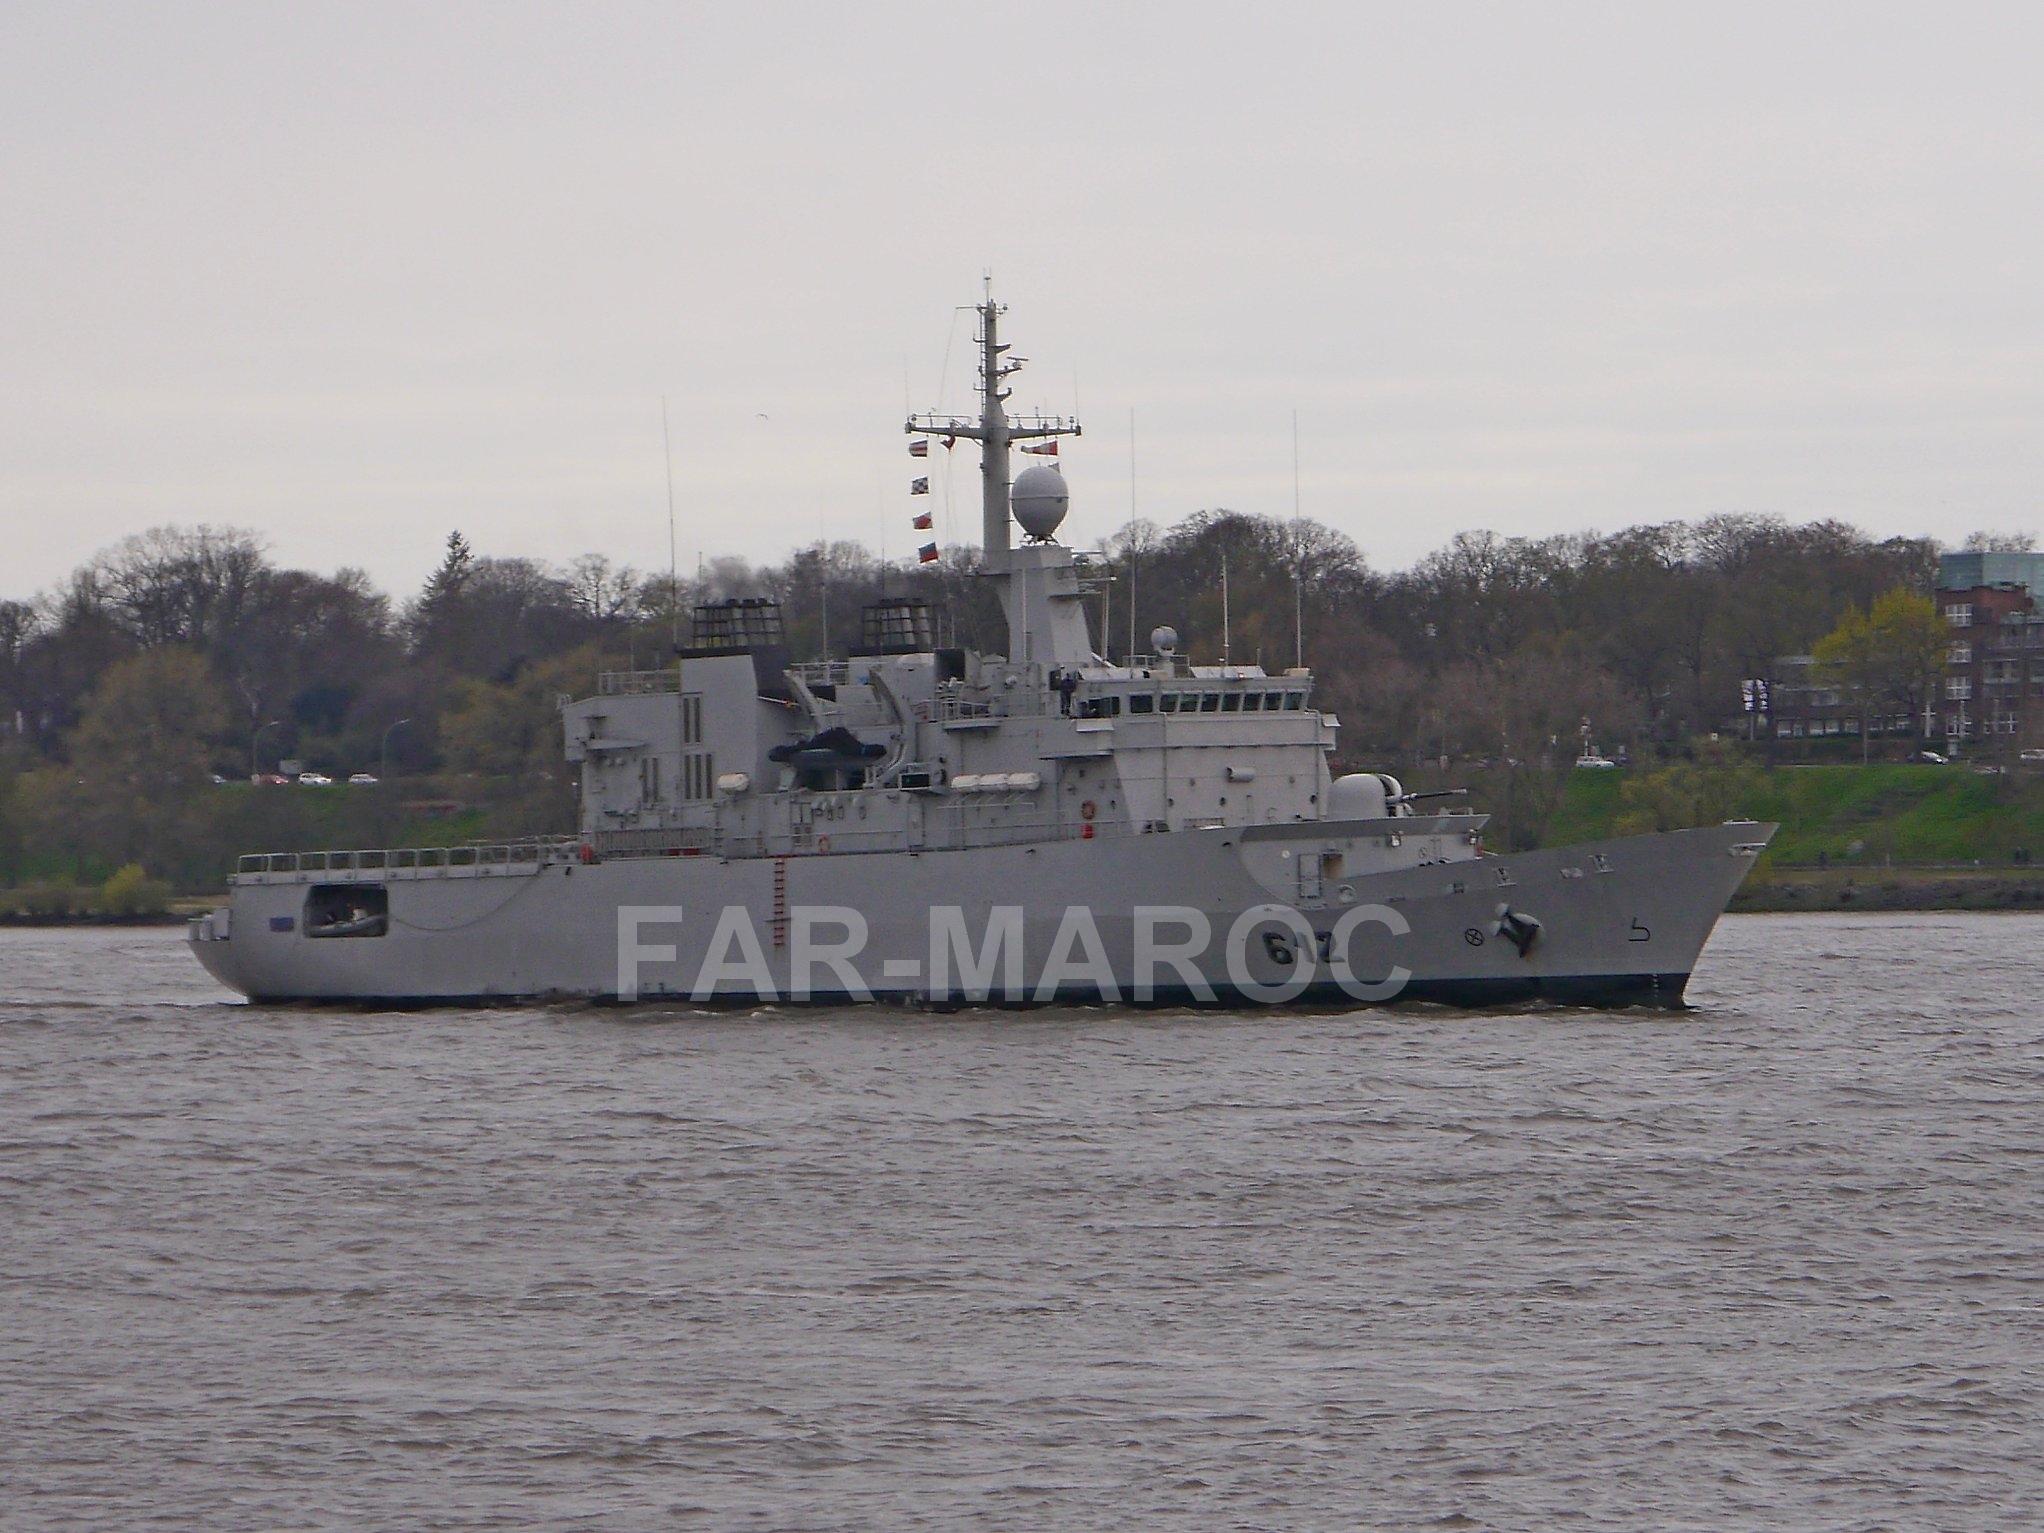 Royal Moroccan Navy Floréal Frigates / Frégates Floréal Marocaines - Page 14 47541785232_36a91b2253_o